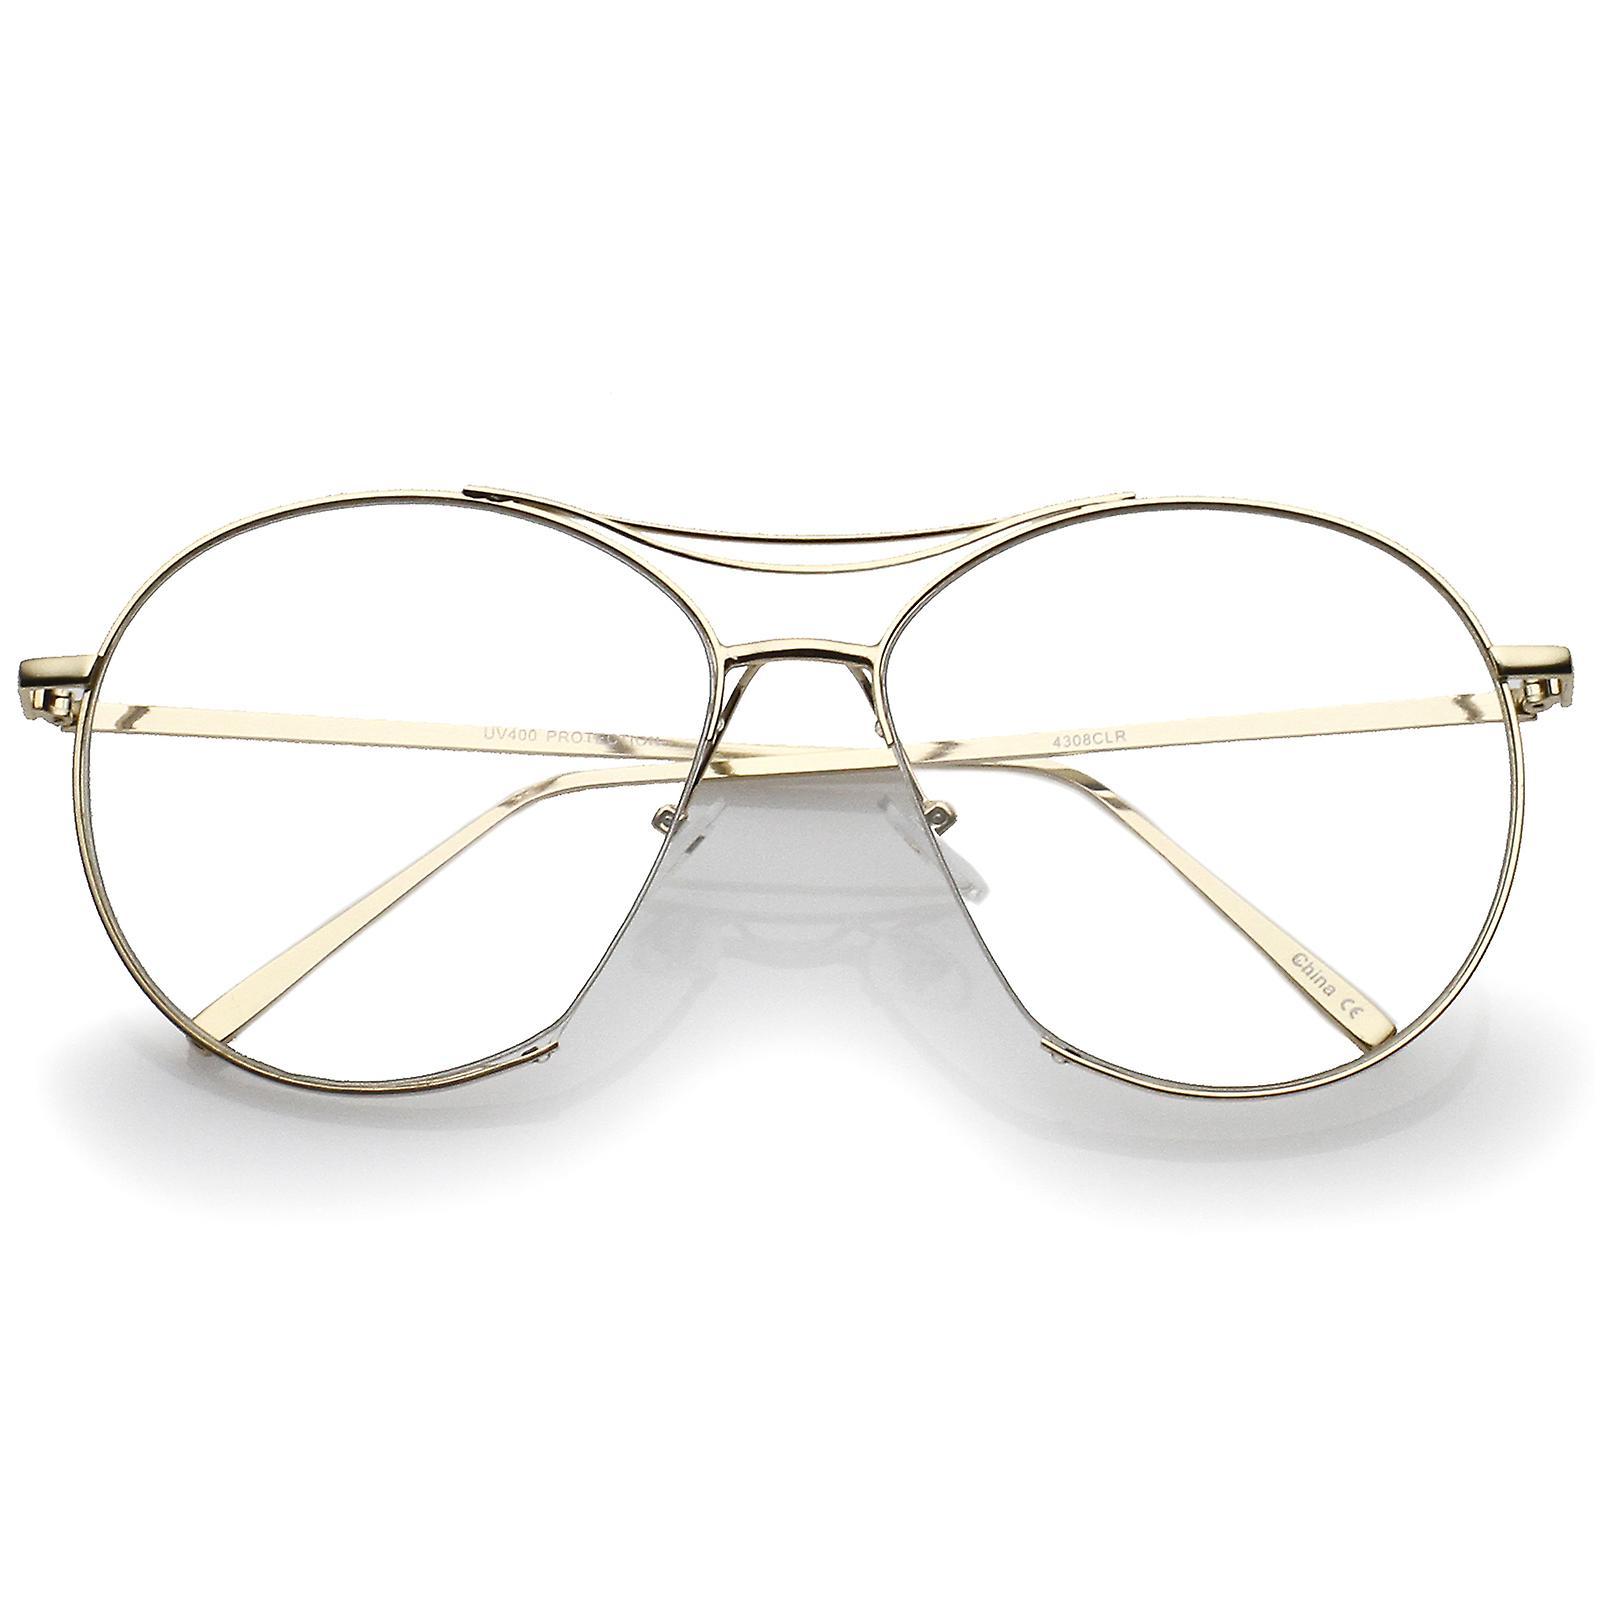 f75134bdc09e Oversize semi-uindfattede pande Bar runde klart flad linse Aviator briller  59 mm